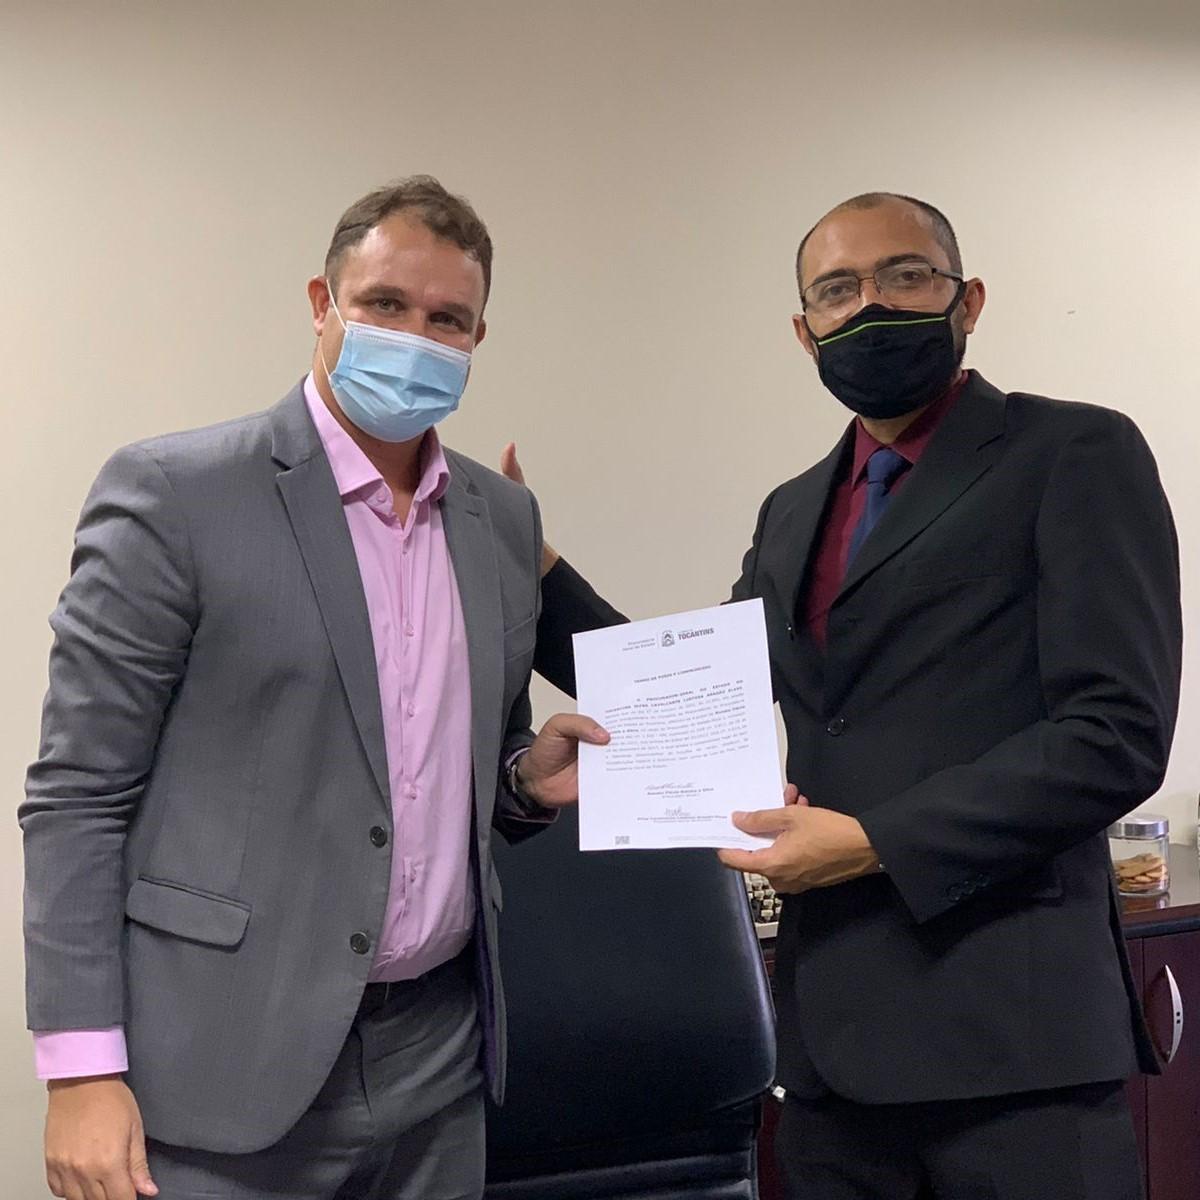 Novo Procurador do Estado do Tocantins é empossado nesta quarta-feira, 27